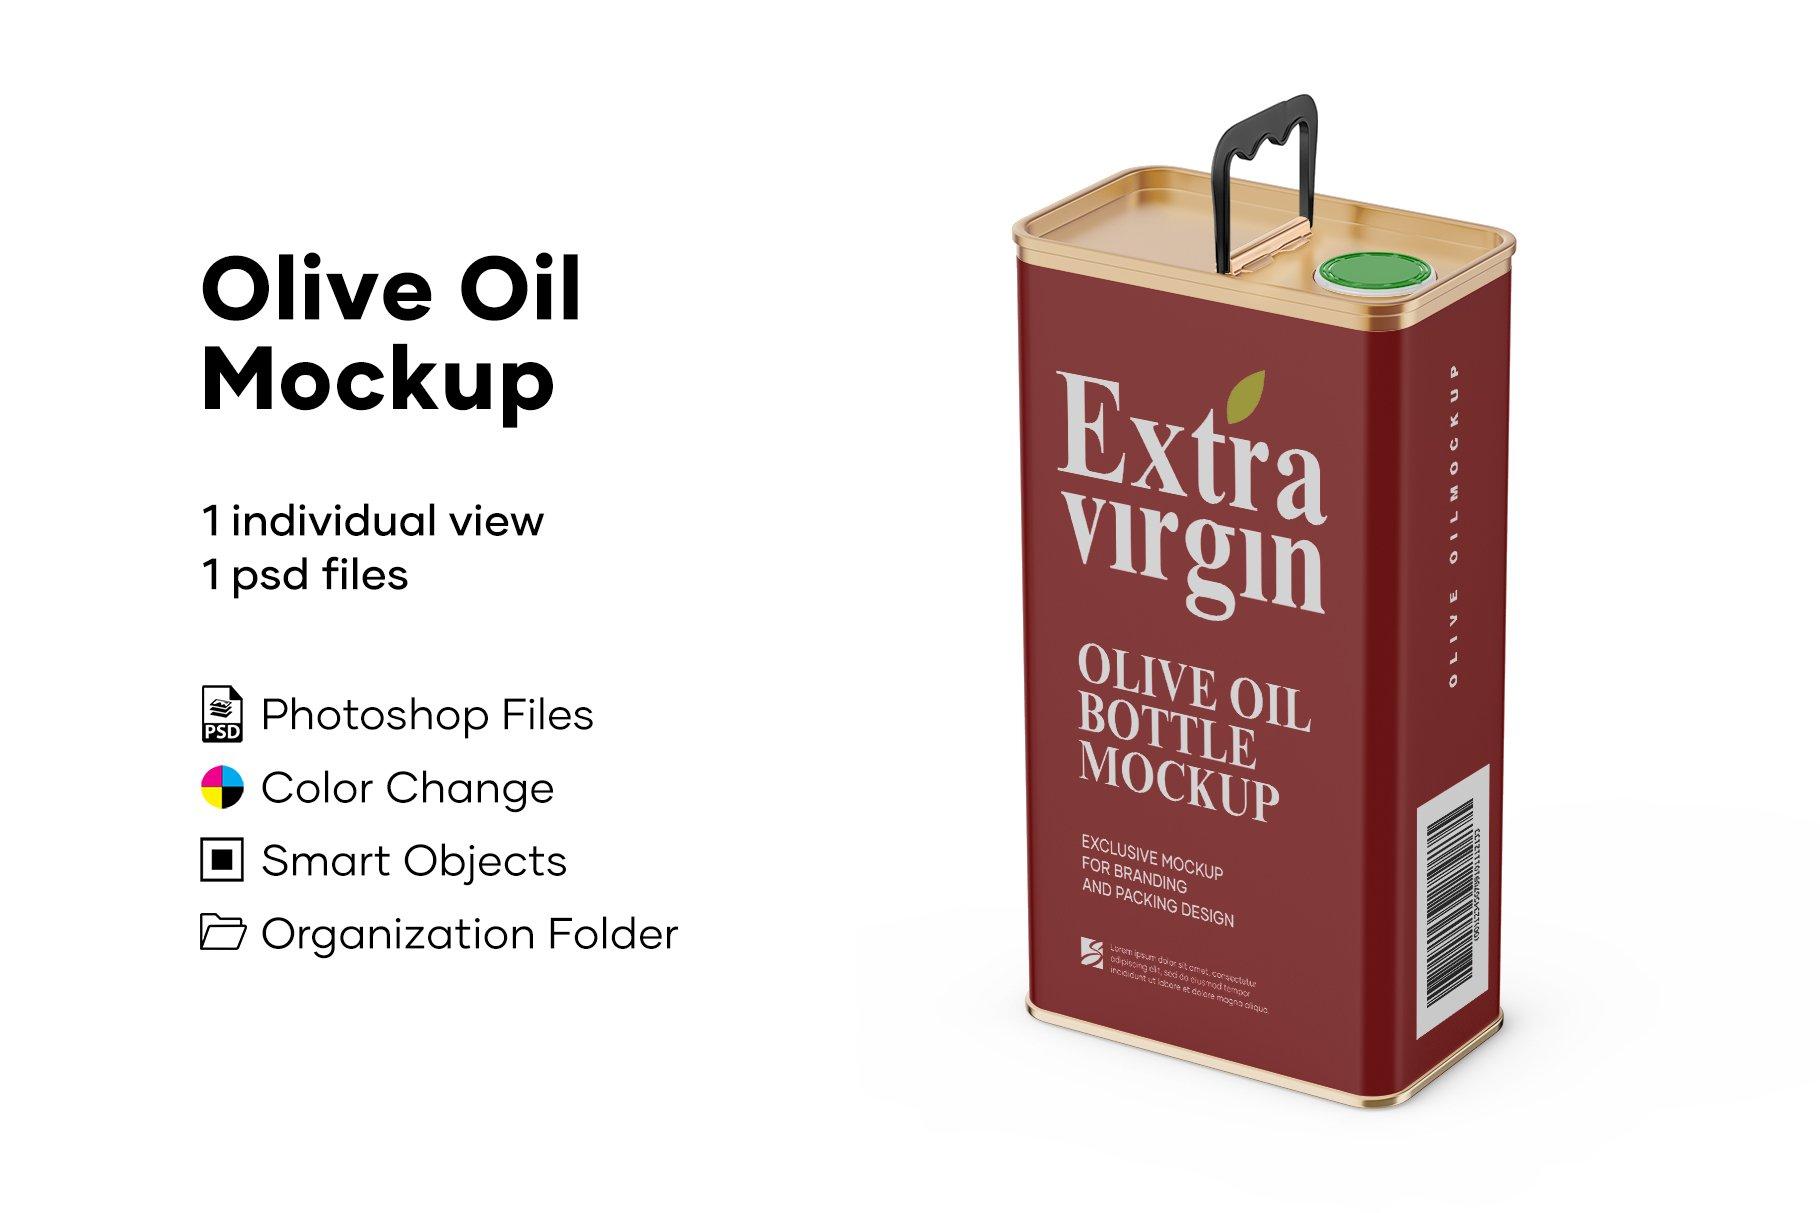 哑光橄榄油锡罐设计展示样机模板 Matte Olive Oil Tin Can Mockup插图